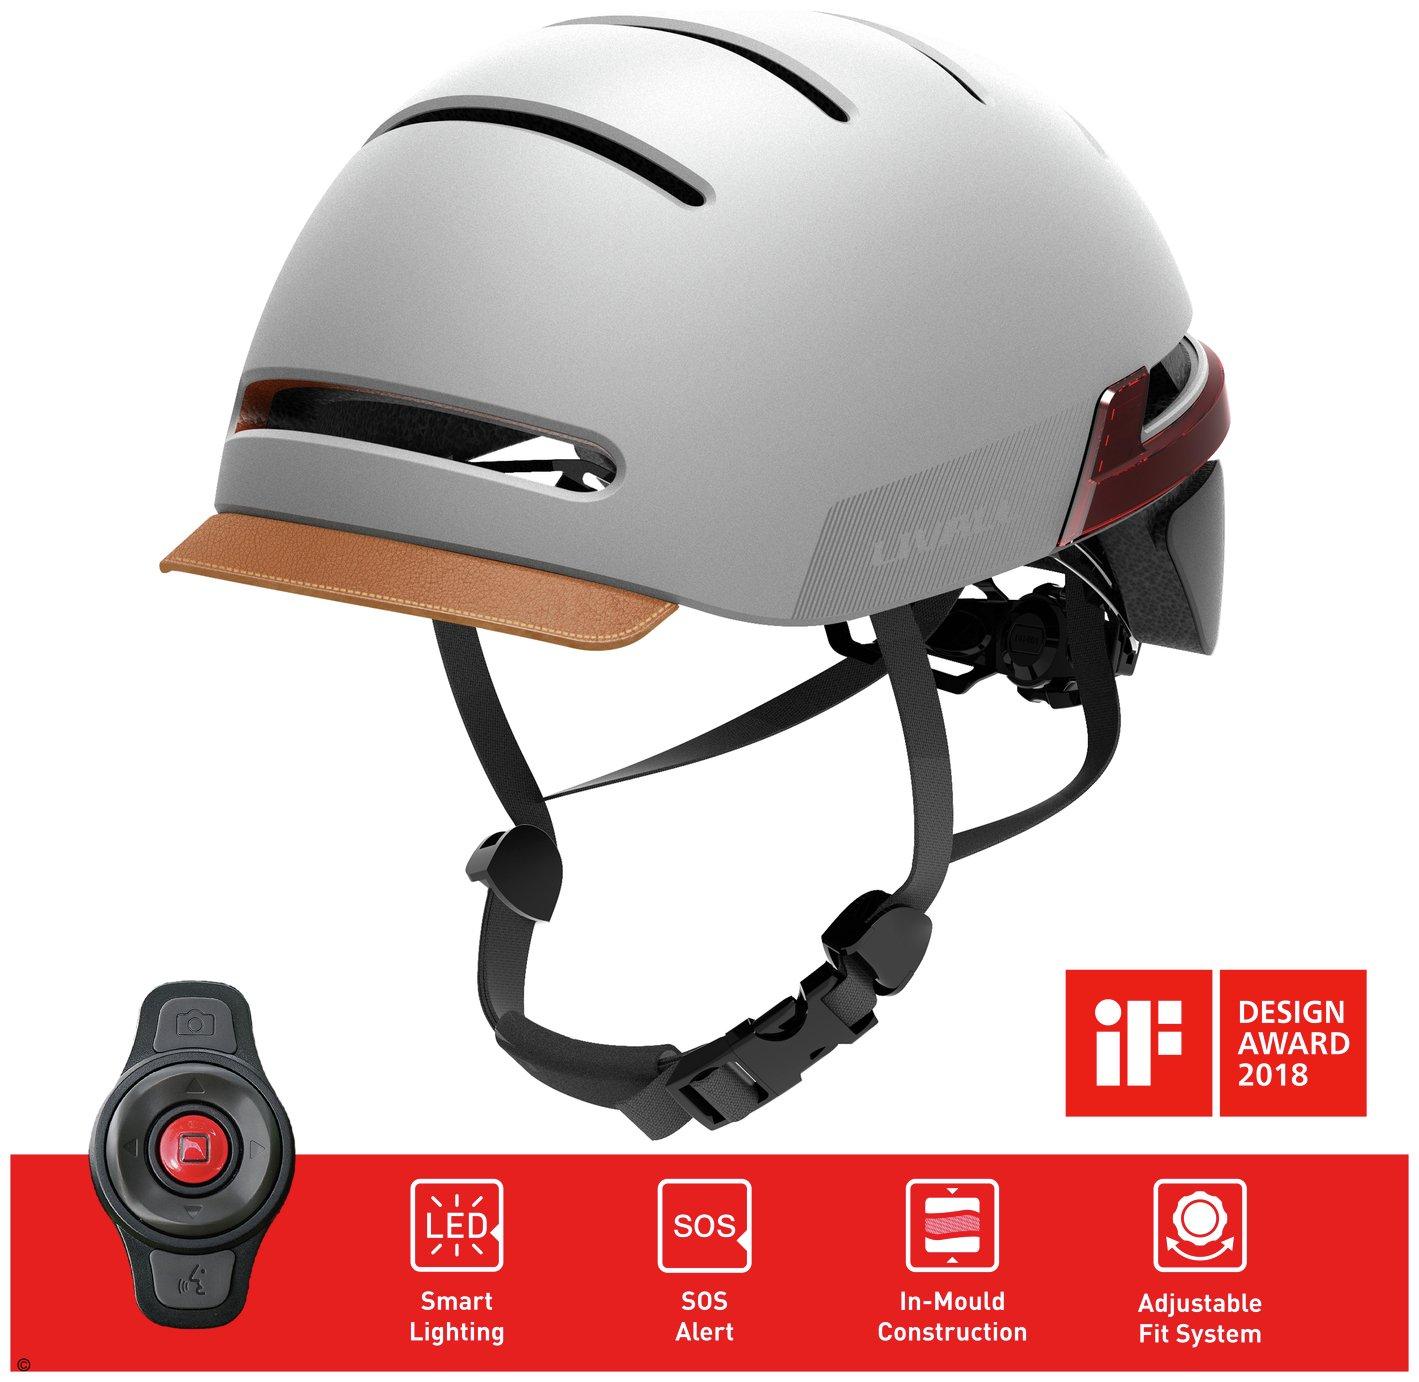 Livall Smart Helmet - Sandstone